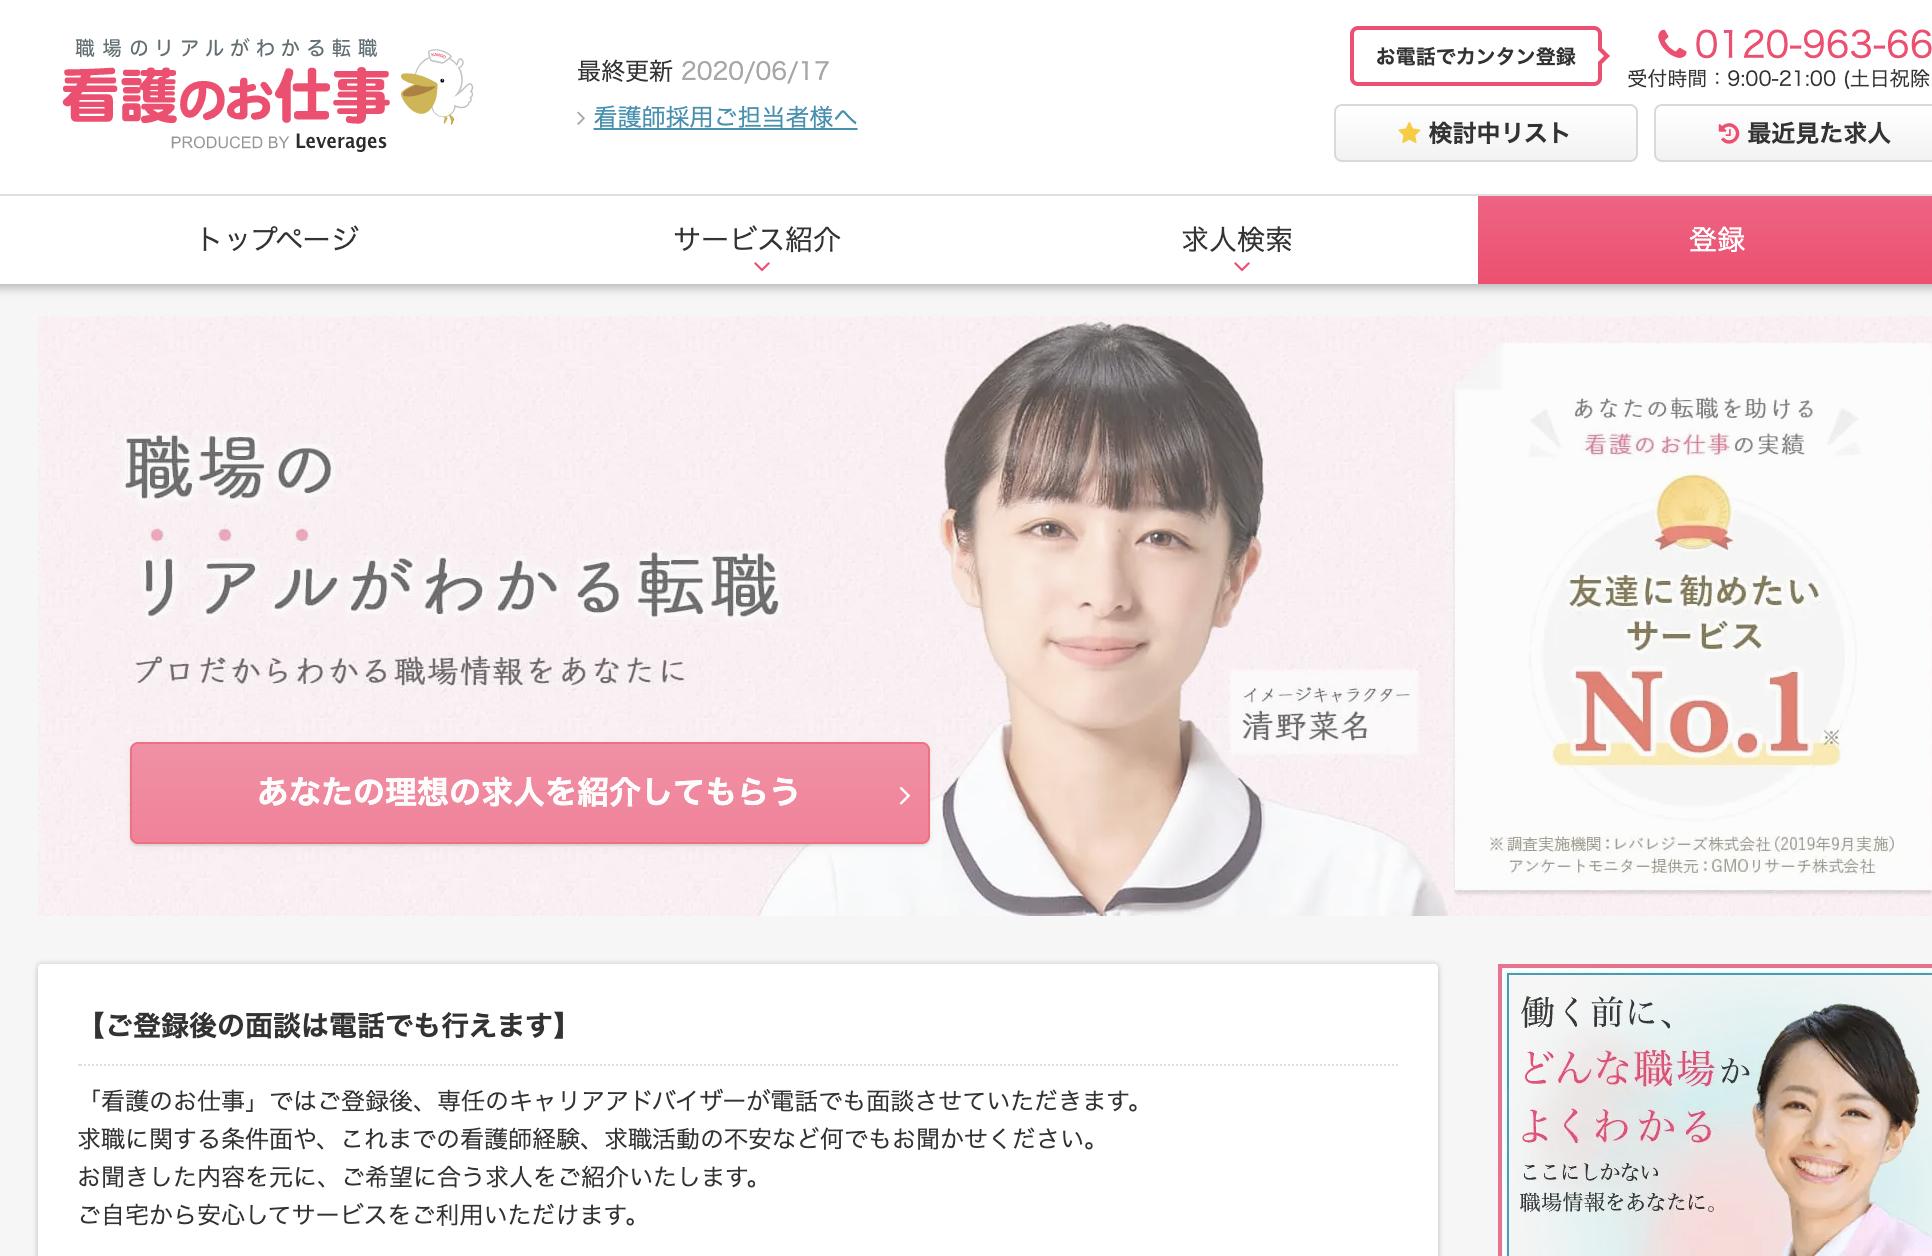 看護のお仕事_口コミ評判_評価表